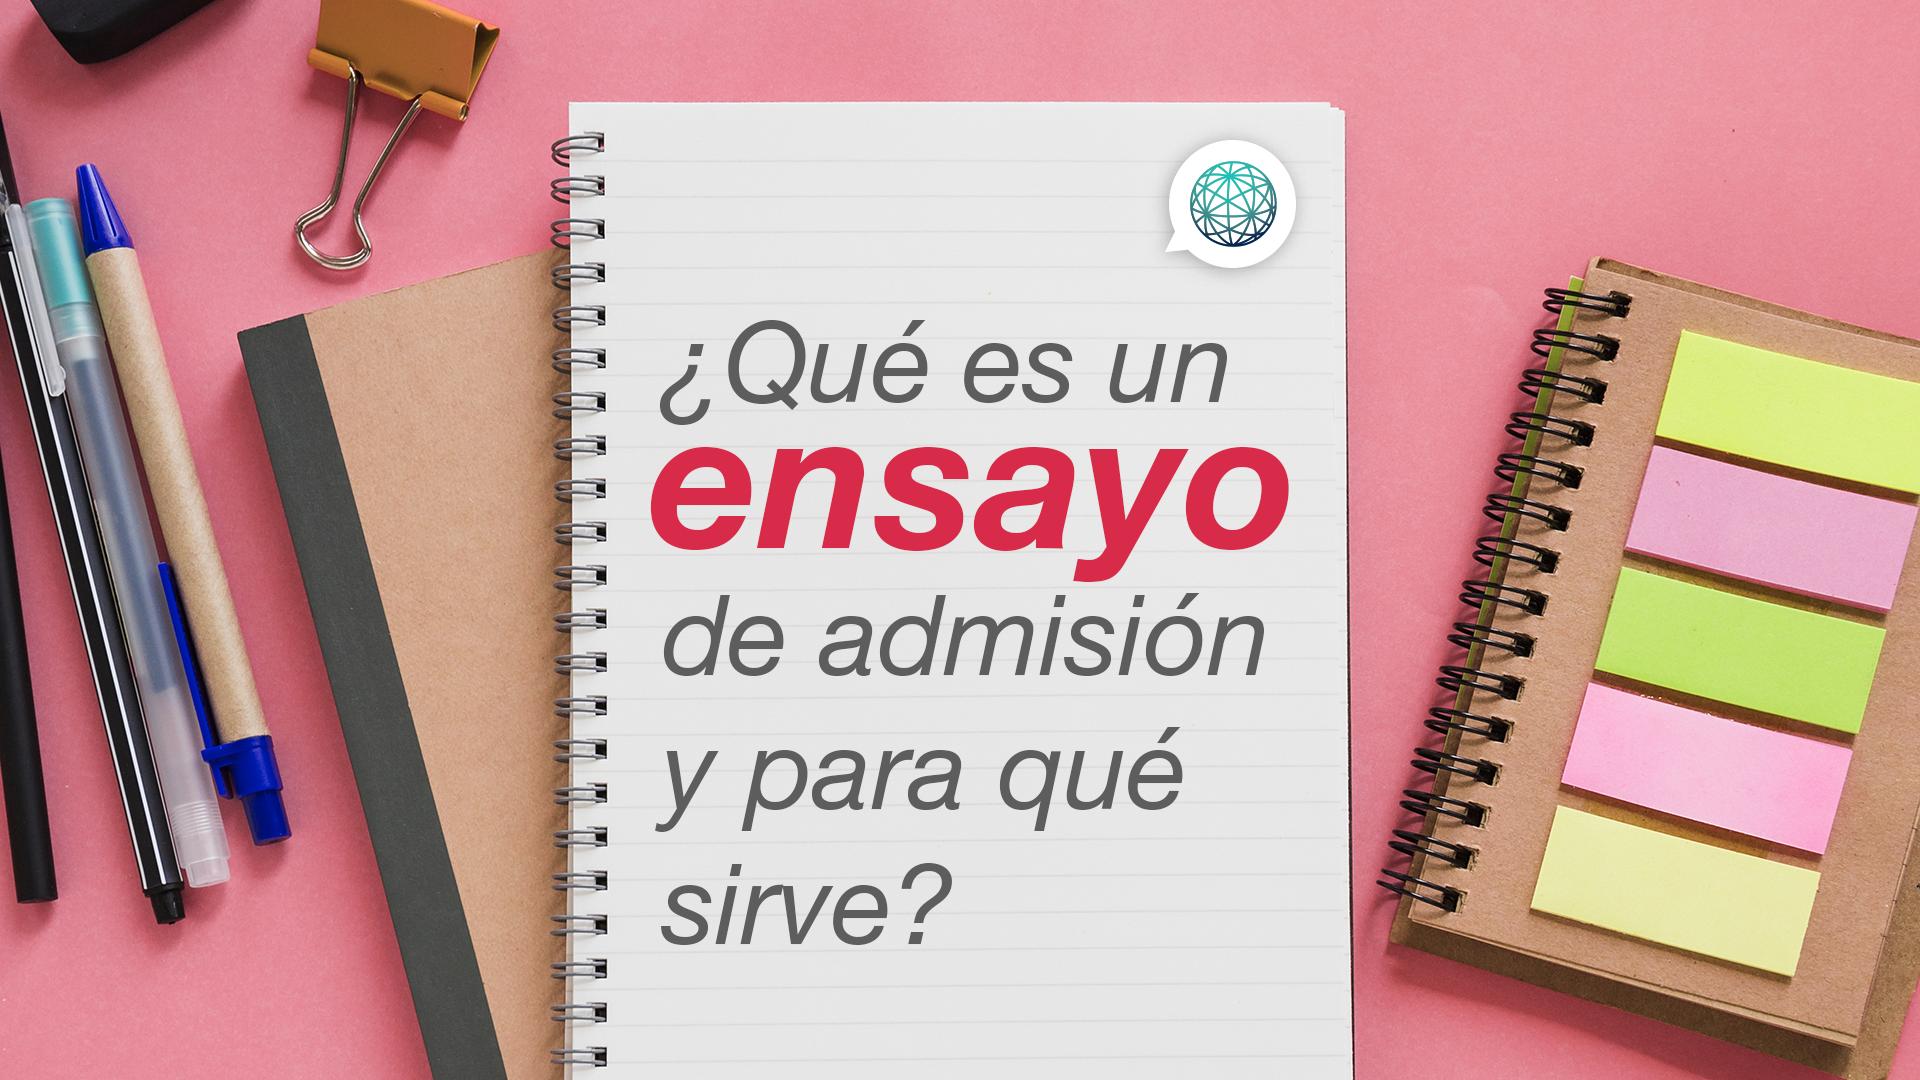 ¿Qué es un ensayo de admisión y para qué sirve?